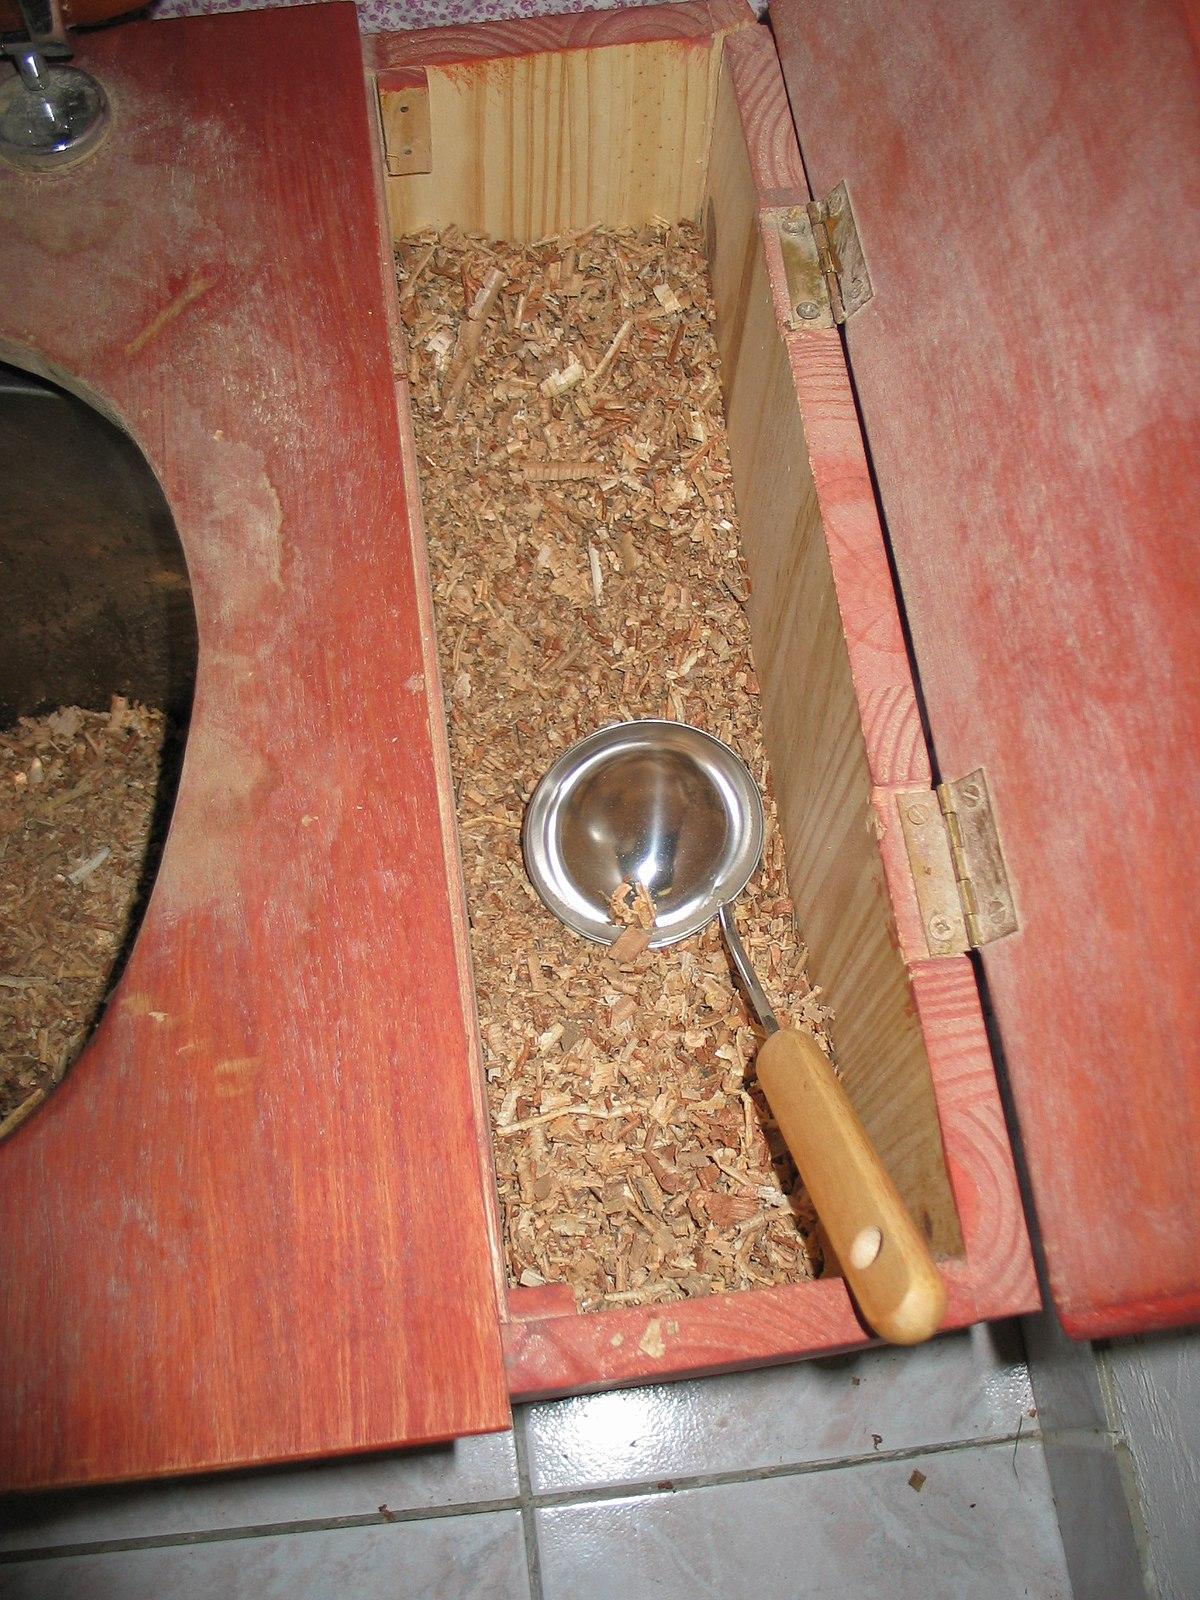 Composting toilet zoom.jpg